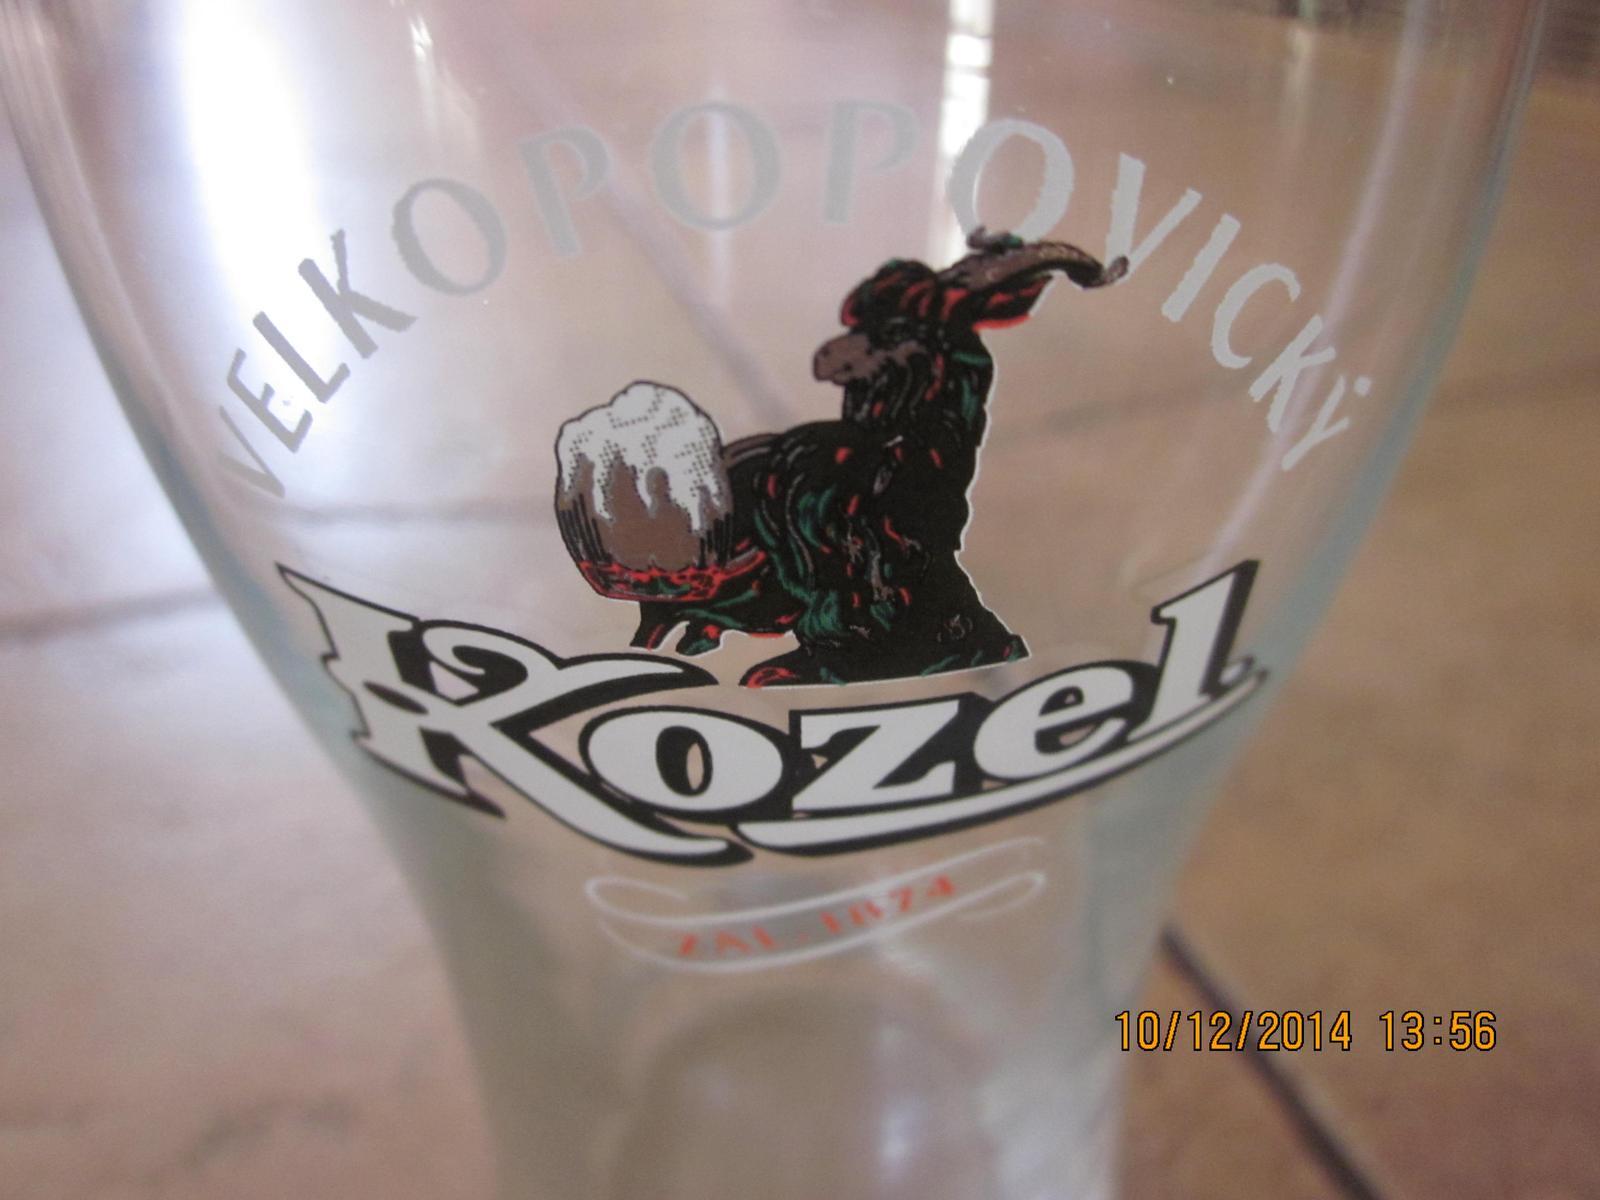 pohár na pivko kozel 0,33l  - Obrázok č. 1